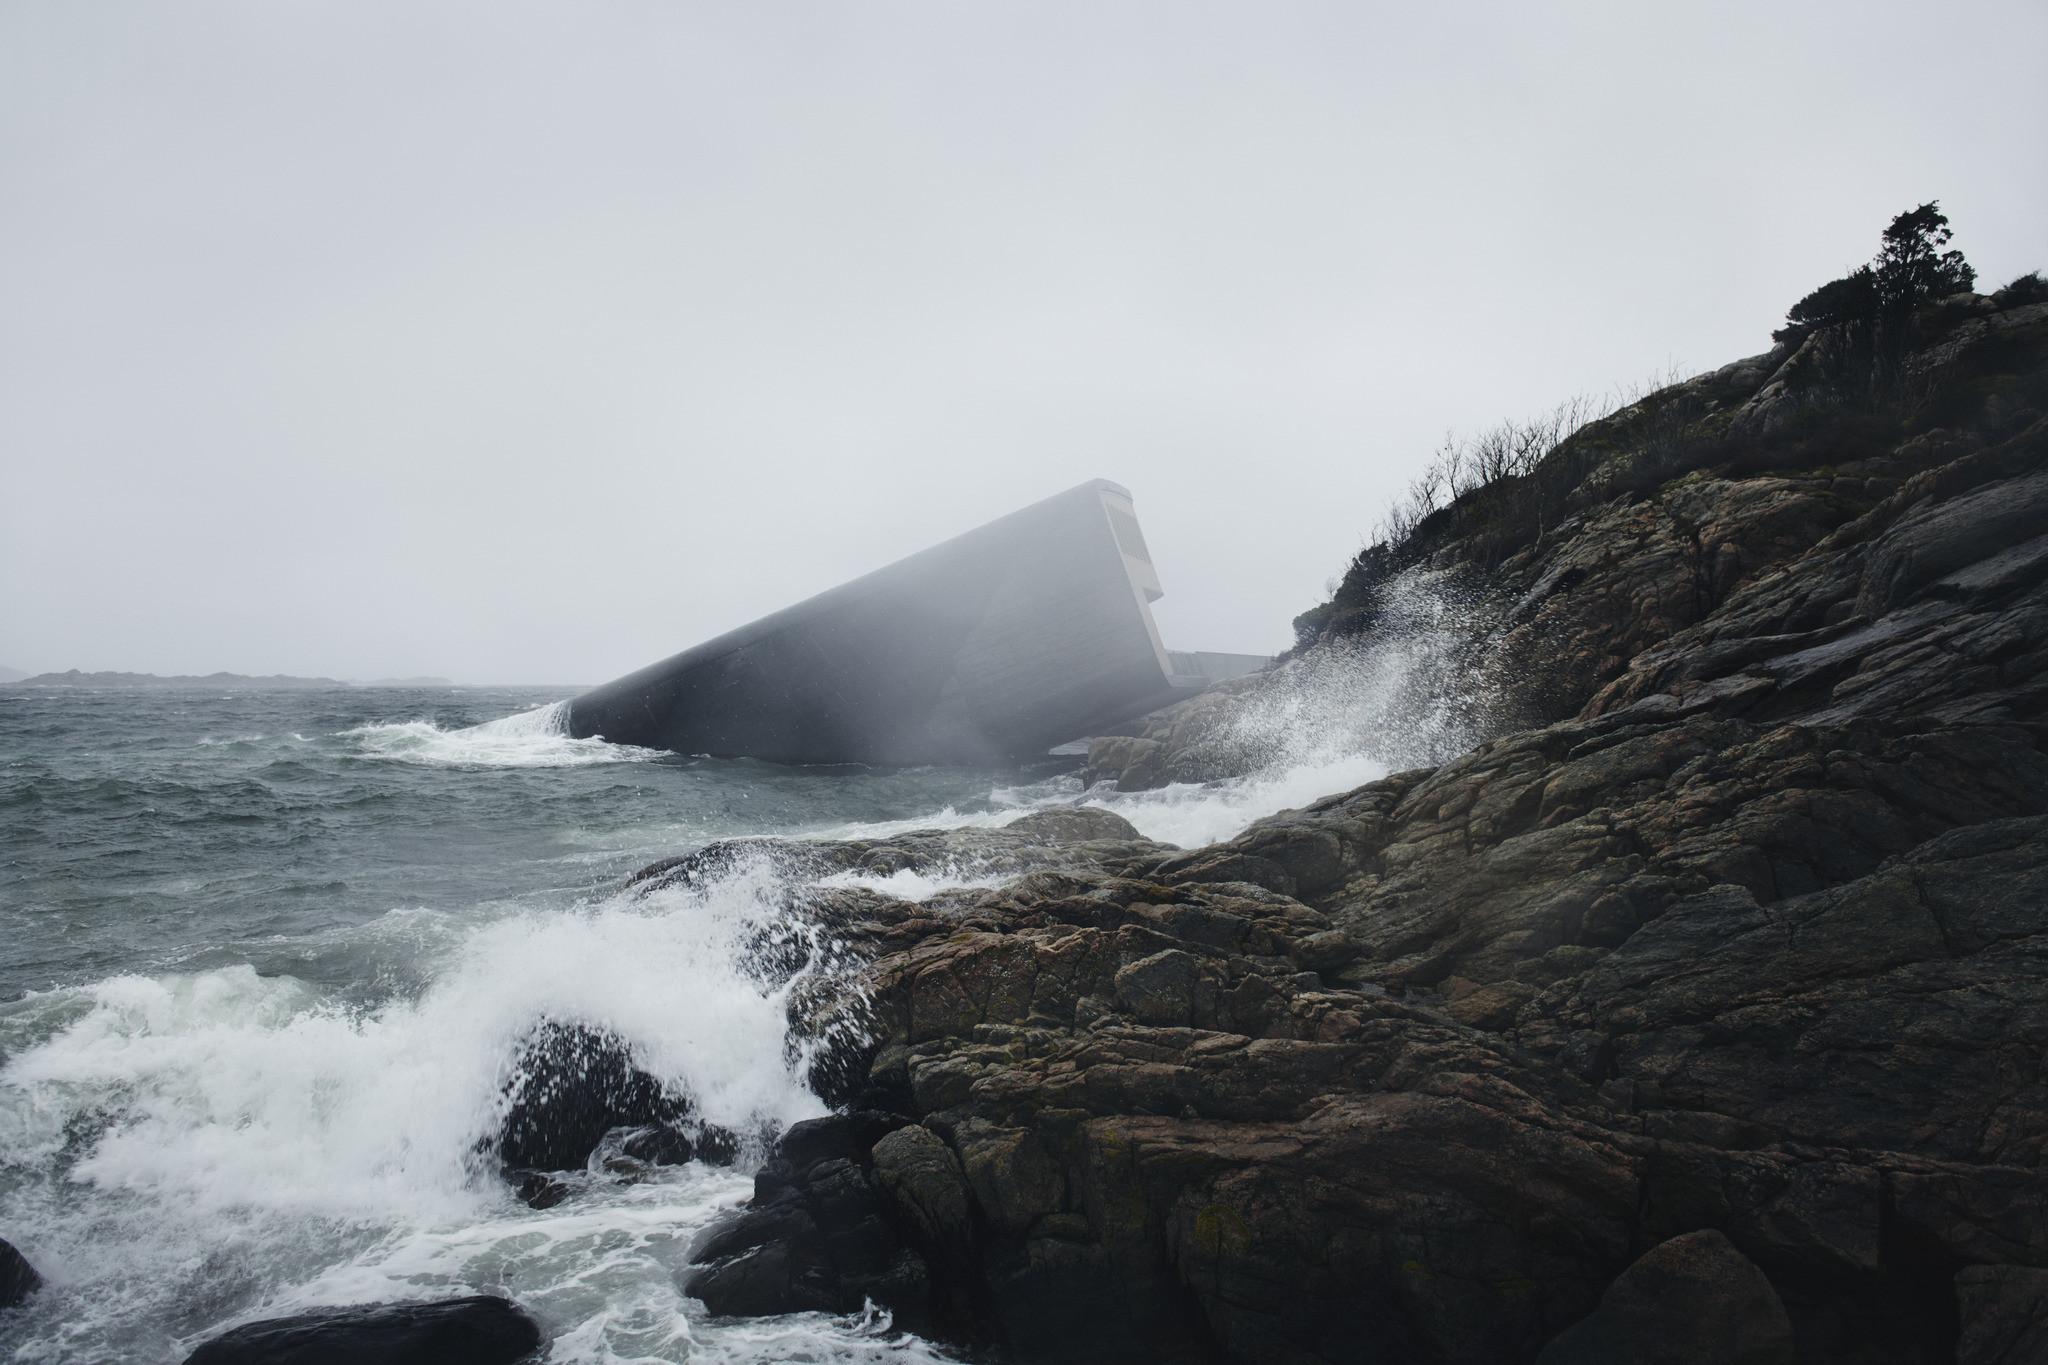 """25 Works of Snøhetta Every Architect should visit - """"Under"""" – Europe's First Underwater Restaurant, Norway"""